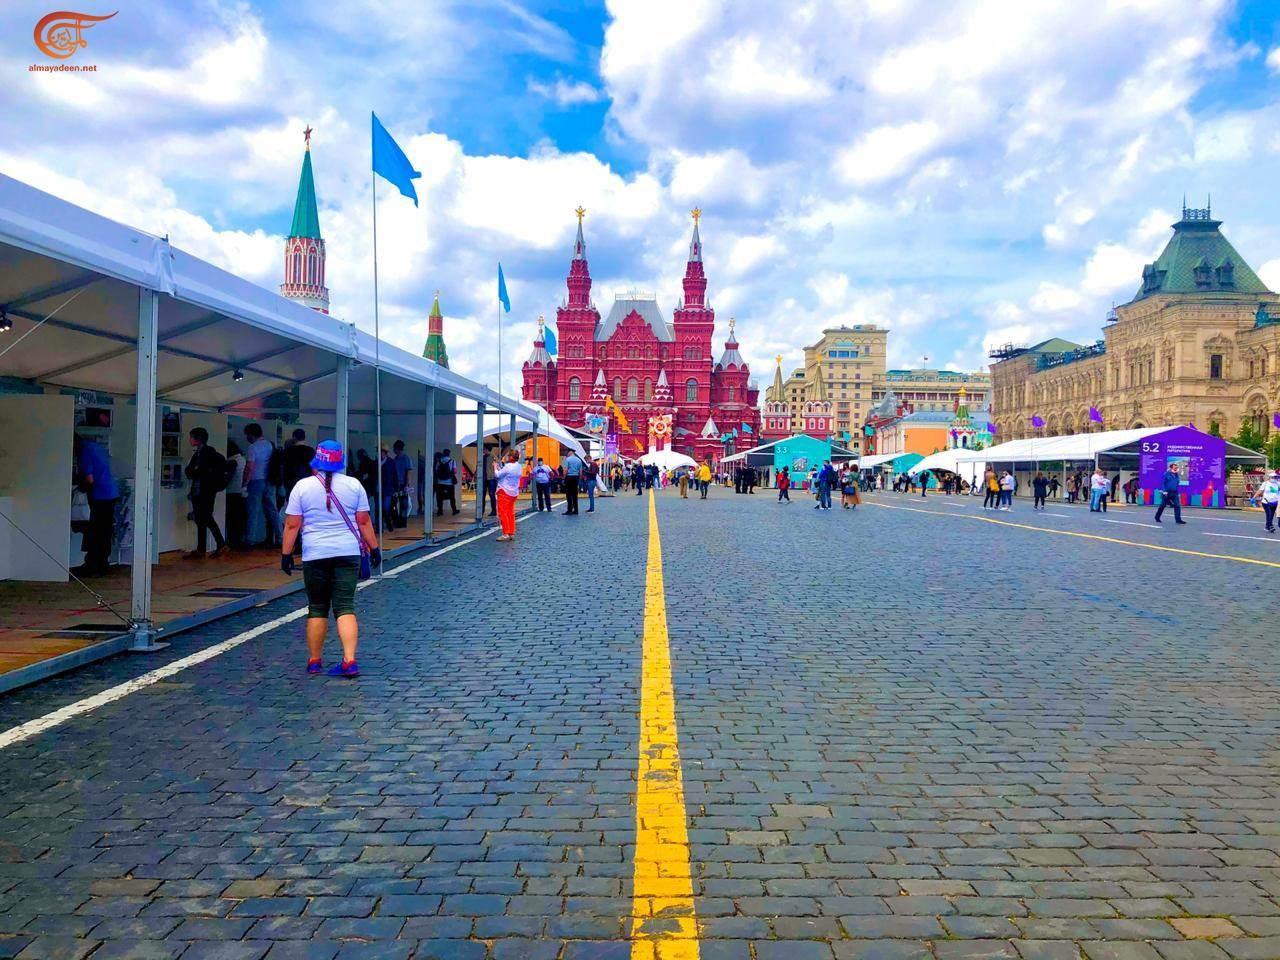 """موسكو تتحدى """"كورونا"""".. خير جليس في الساحة الحمراء كتاب"""